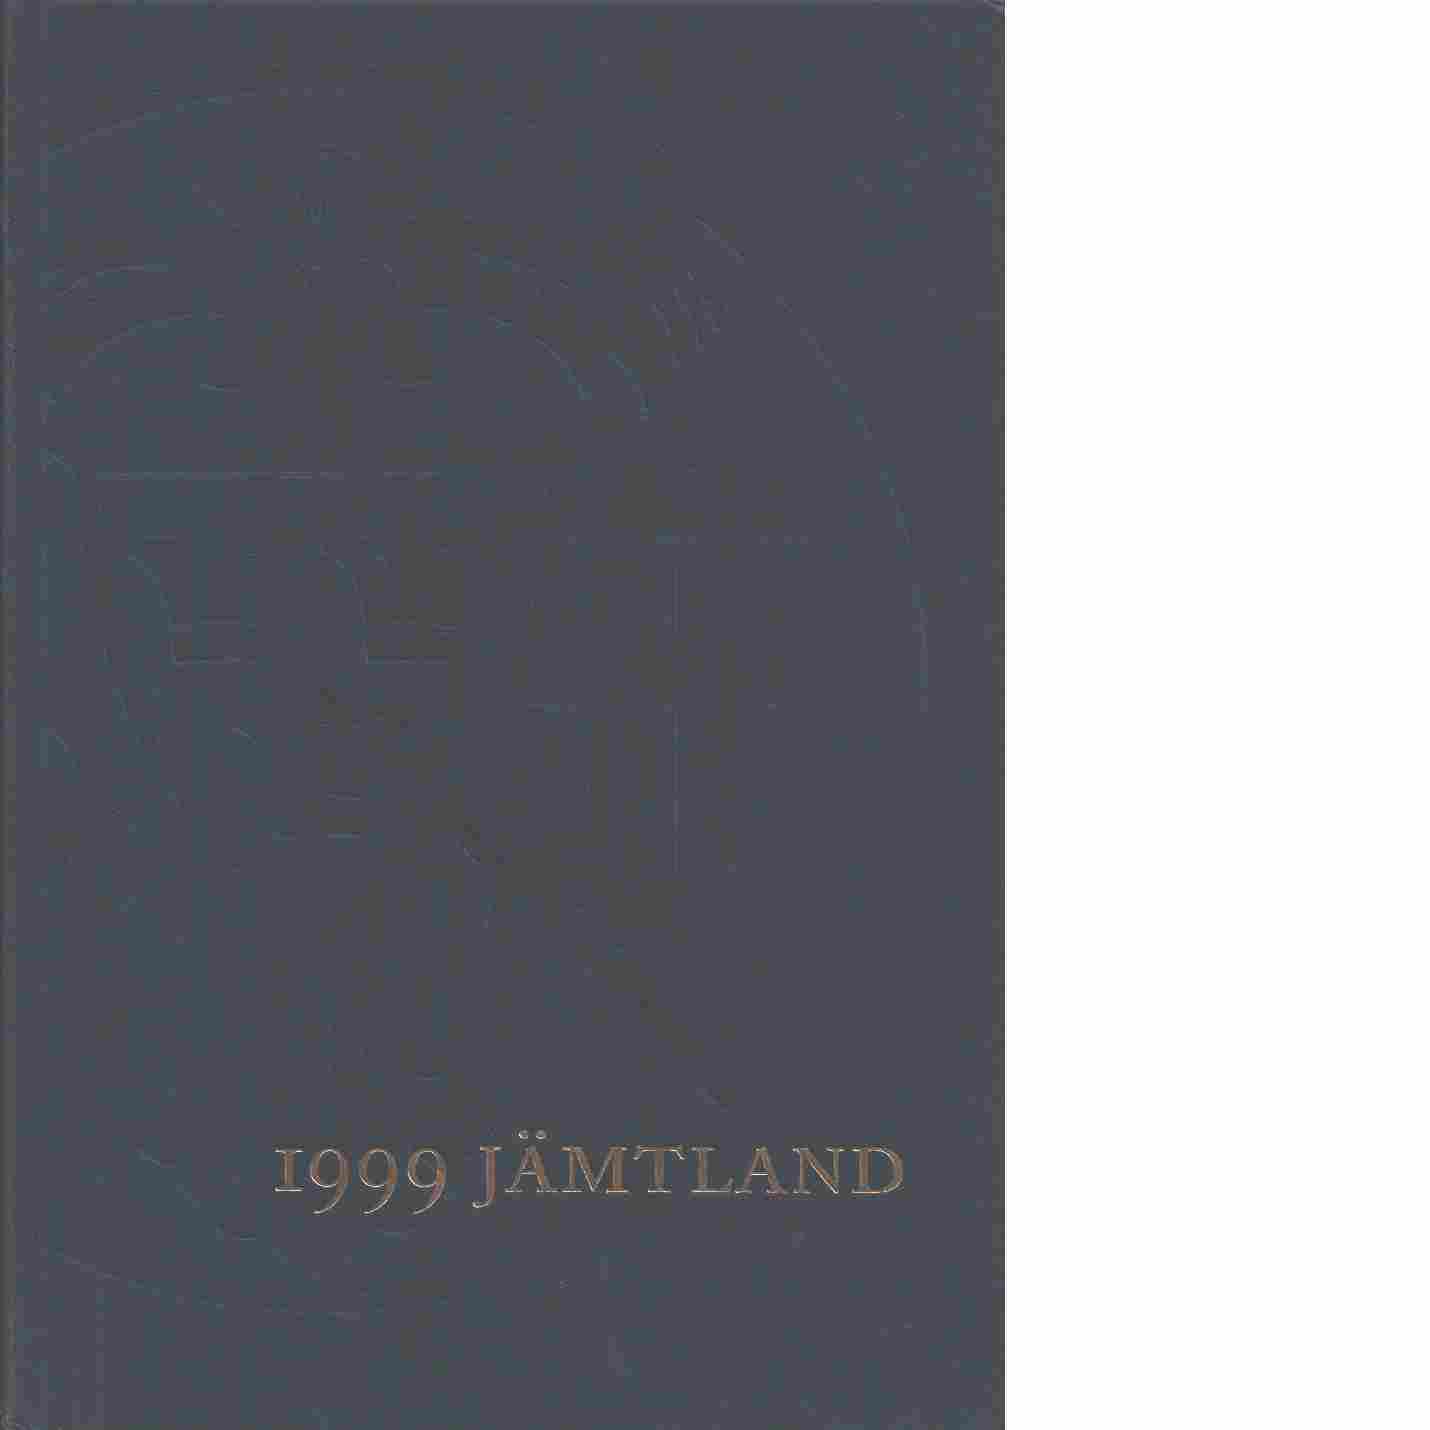 STF:s årsskrift 1999 - Jämtland - Red.